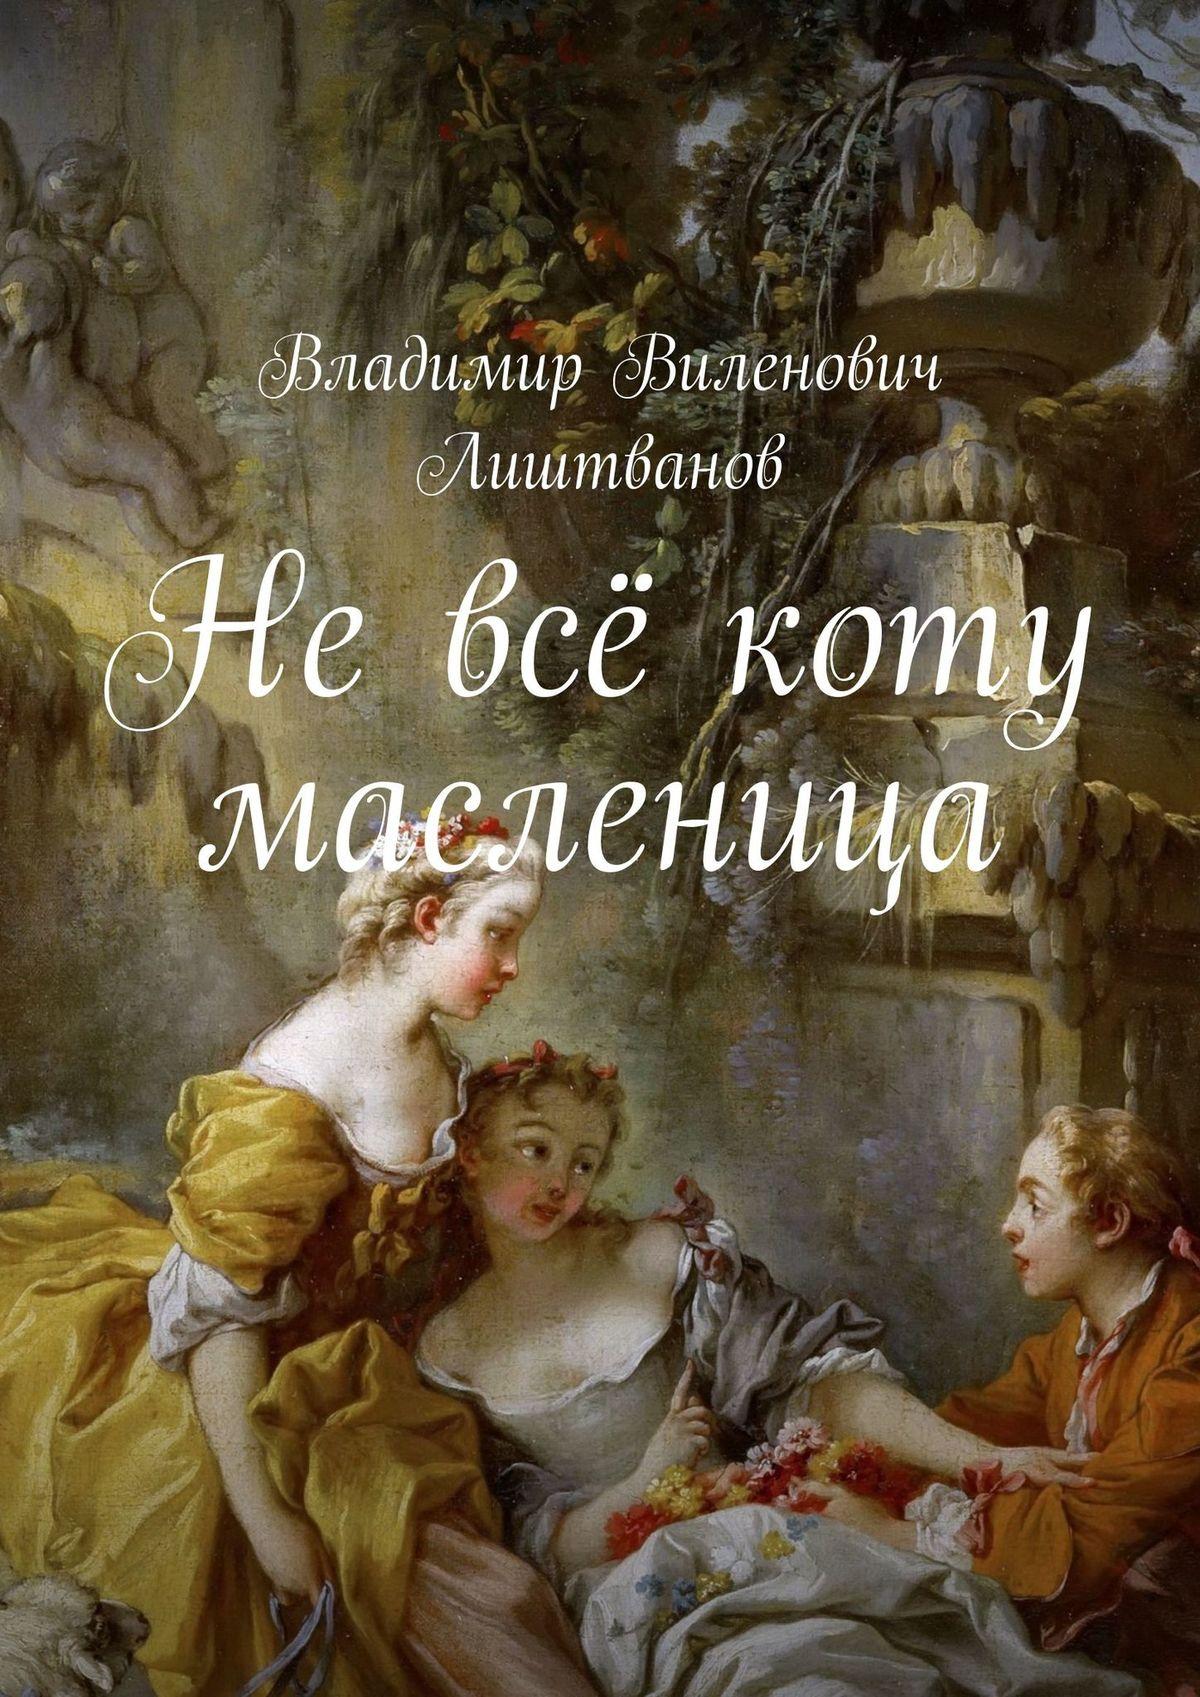 Владимир Виленович Лиштванов Невсё коту масленица не все коту масленица 2018 12 19t19 00